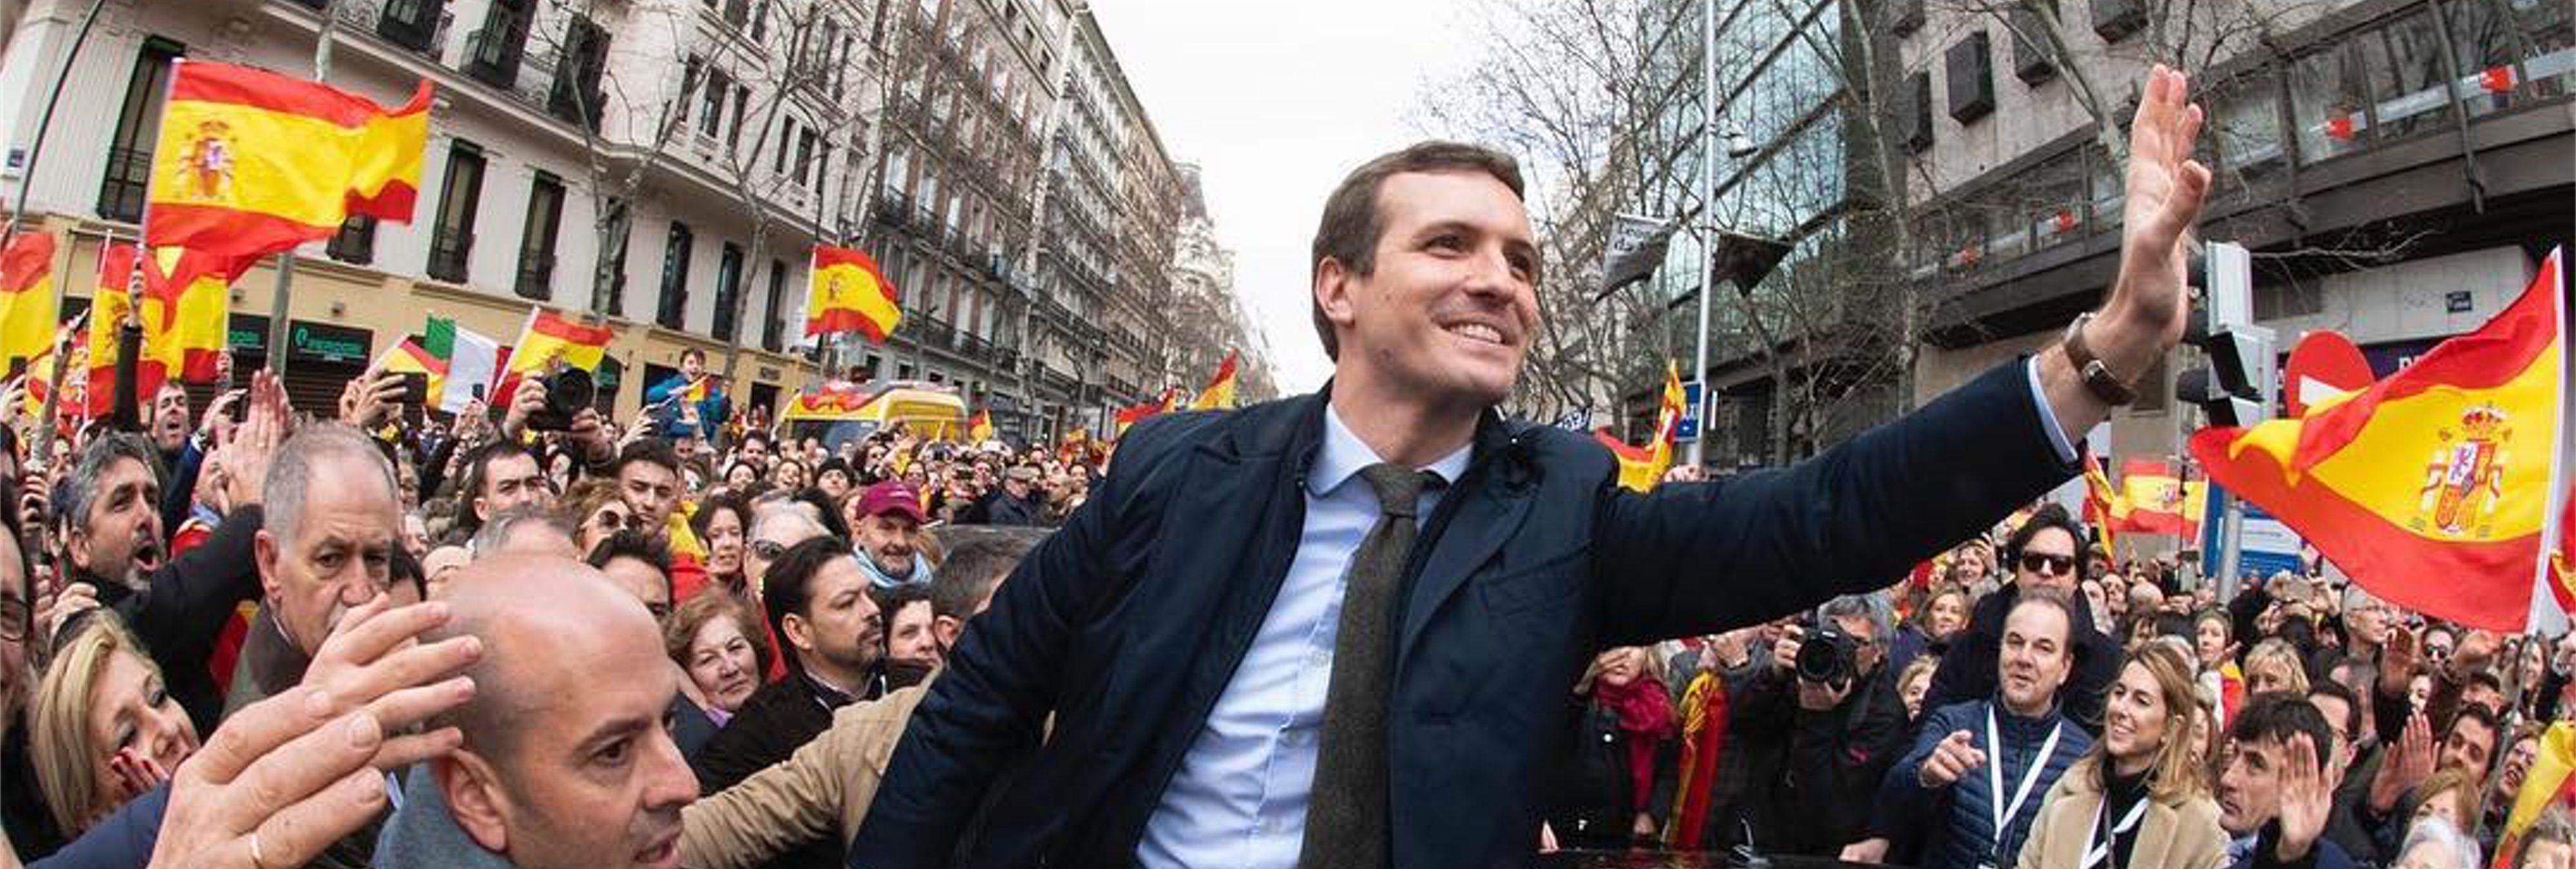 Pablo Casado avisa: habrá una larga lista de recortes sociales cuando llegue al Gobierno